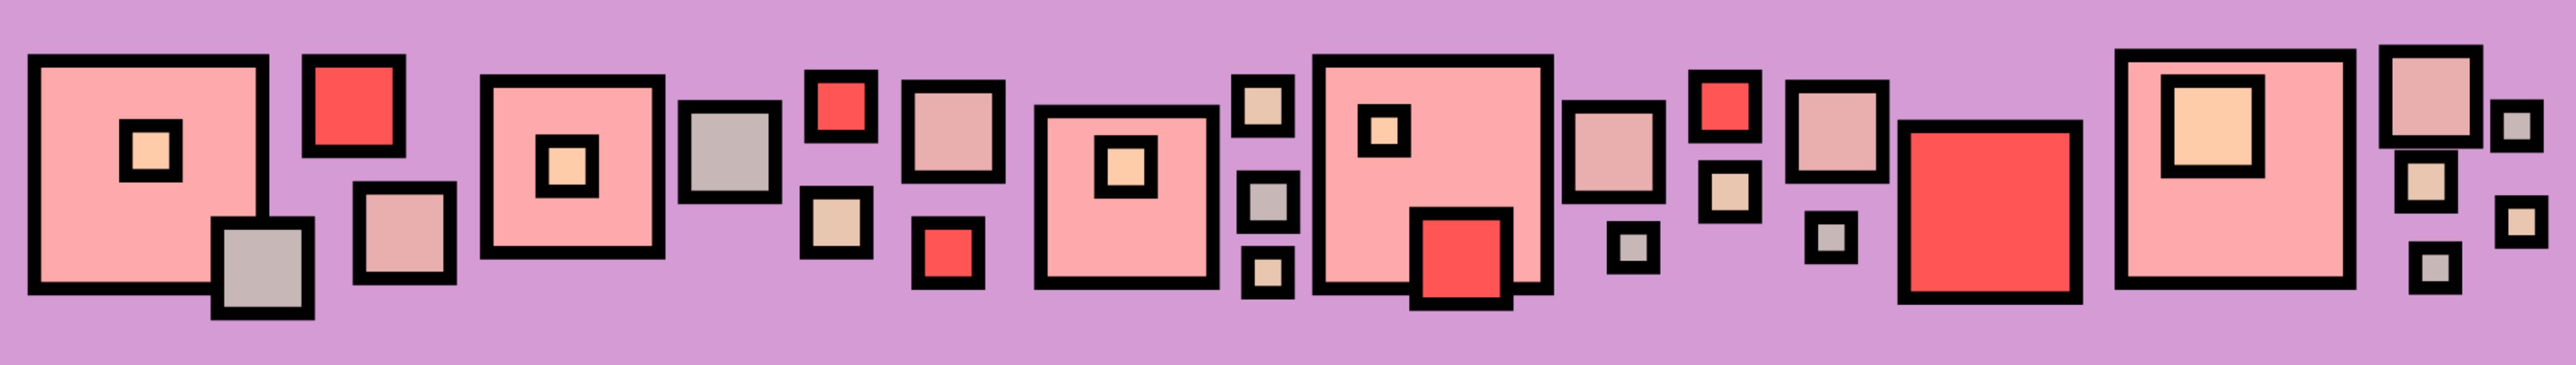 Pink,Angle,Text